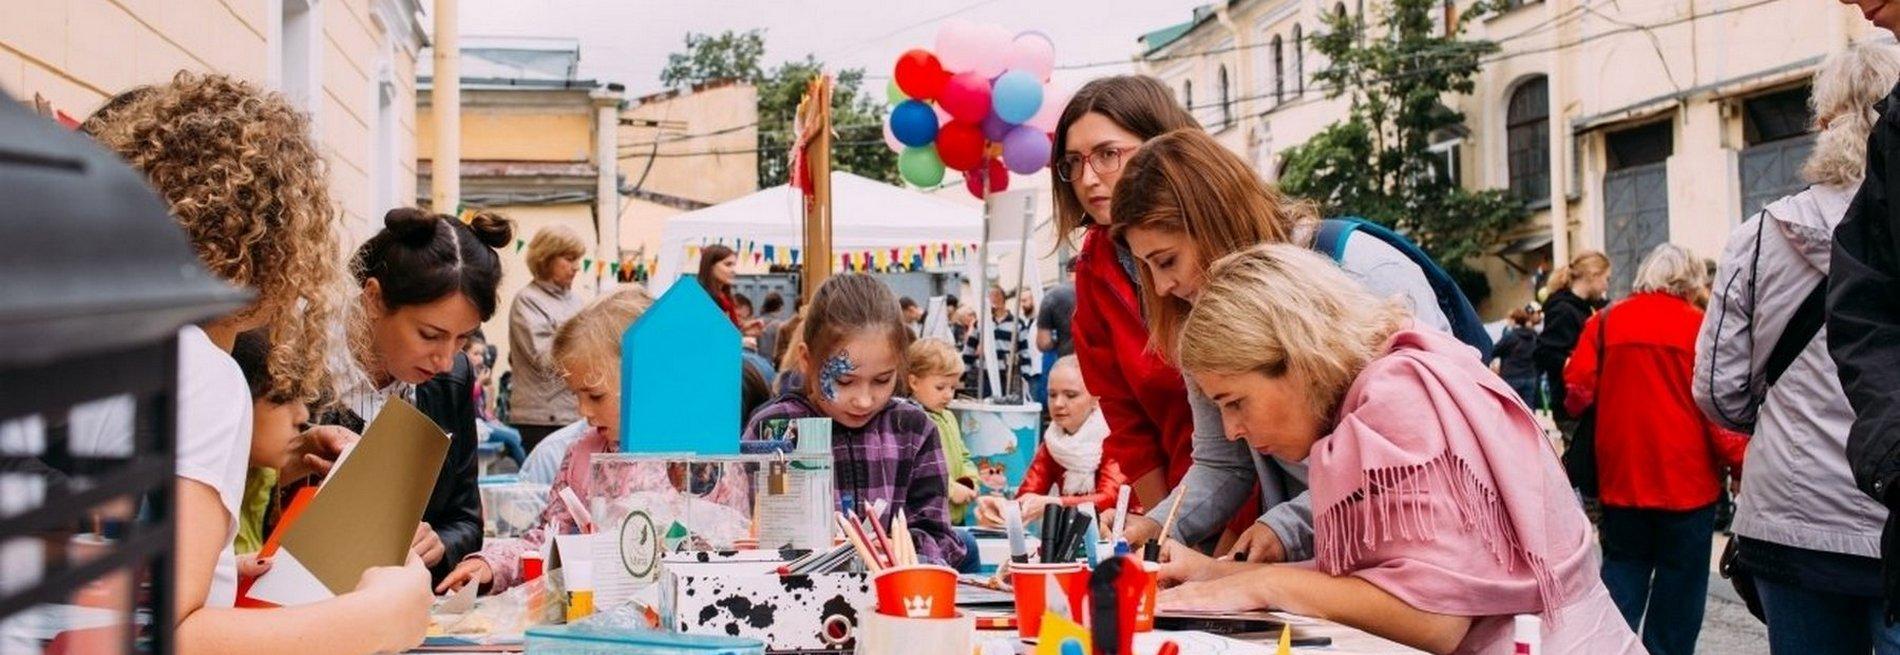 МОО «Объединение специалистов «Портаж»